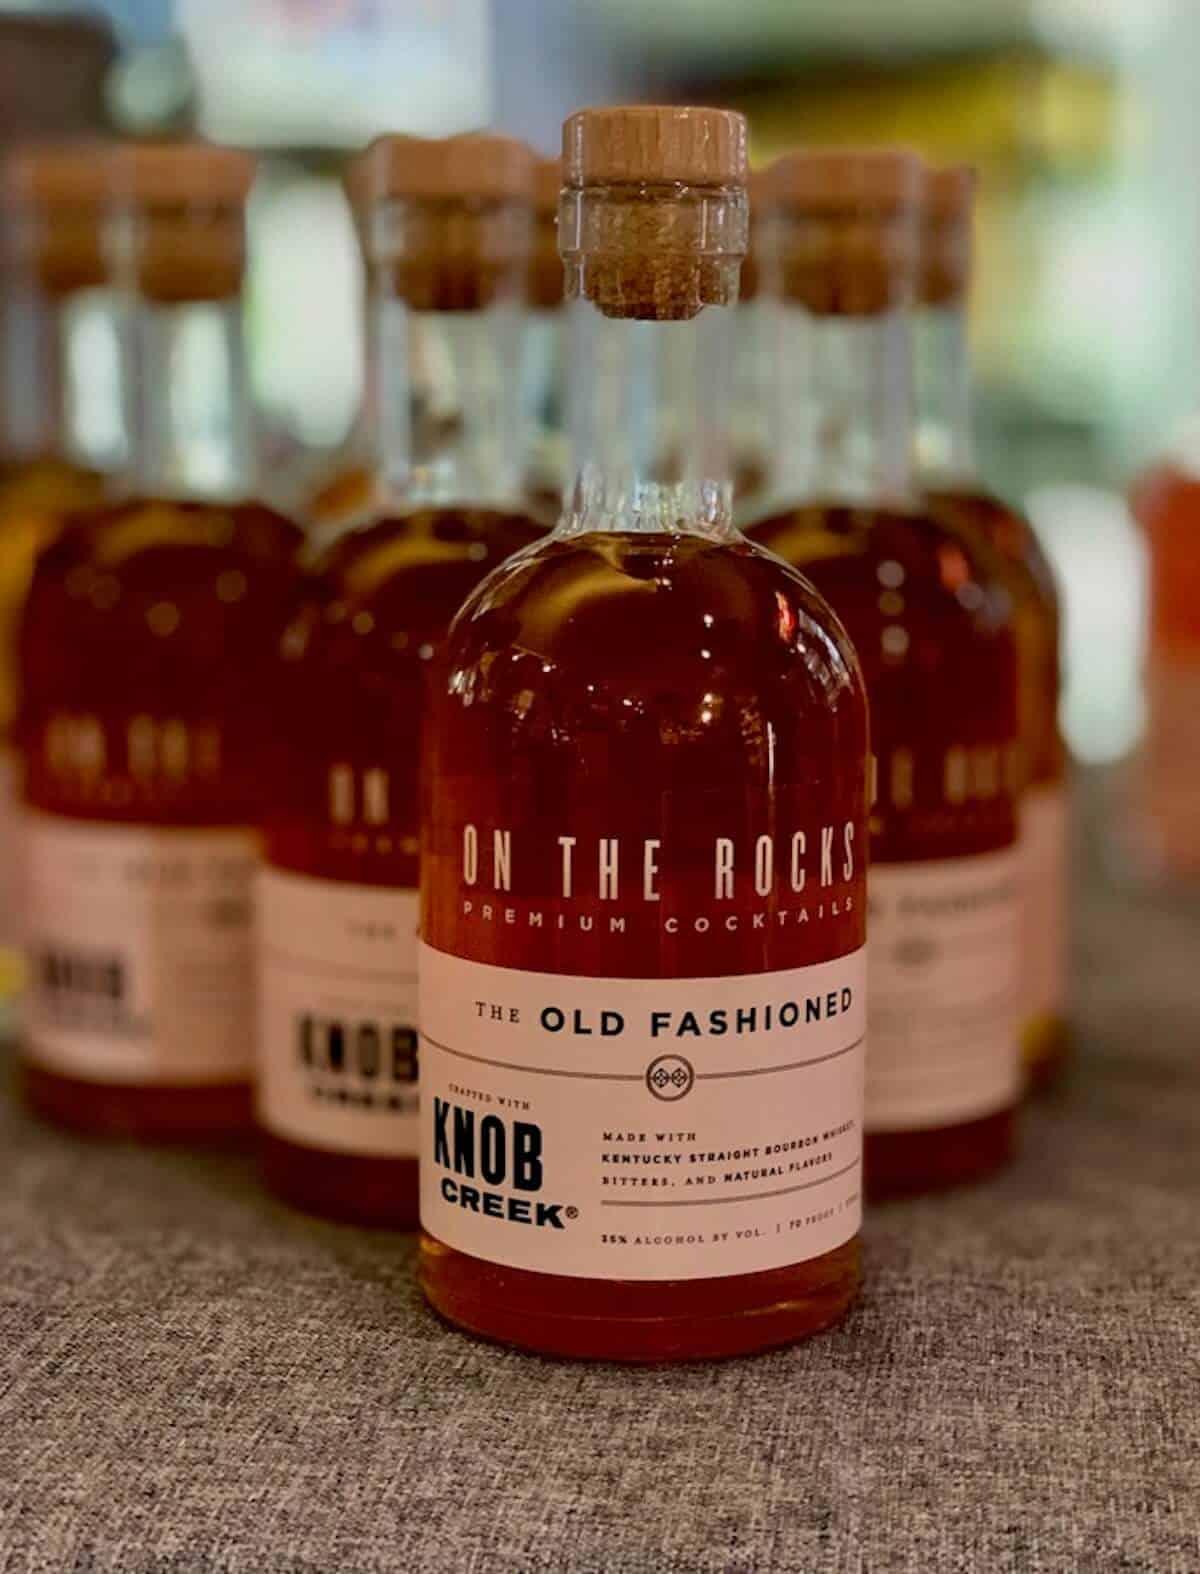 On the Rocks Premium Cocktails, Bourbon cocktails, Knob Creek Bourbon